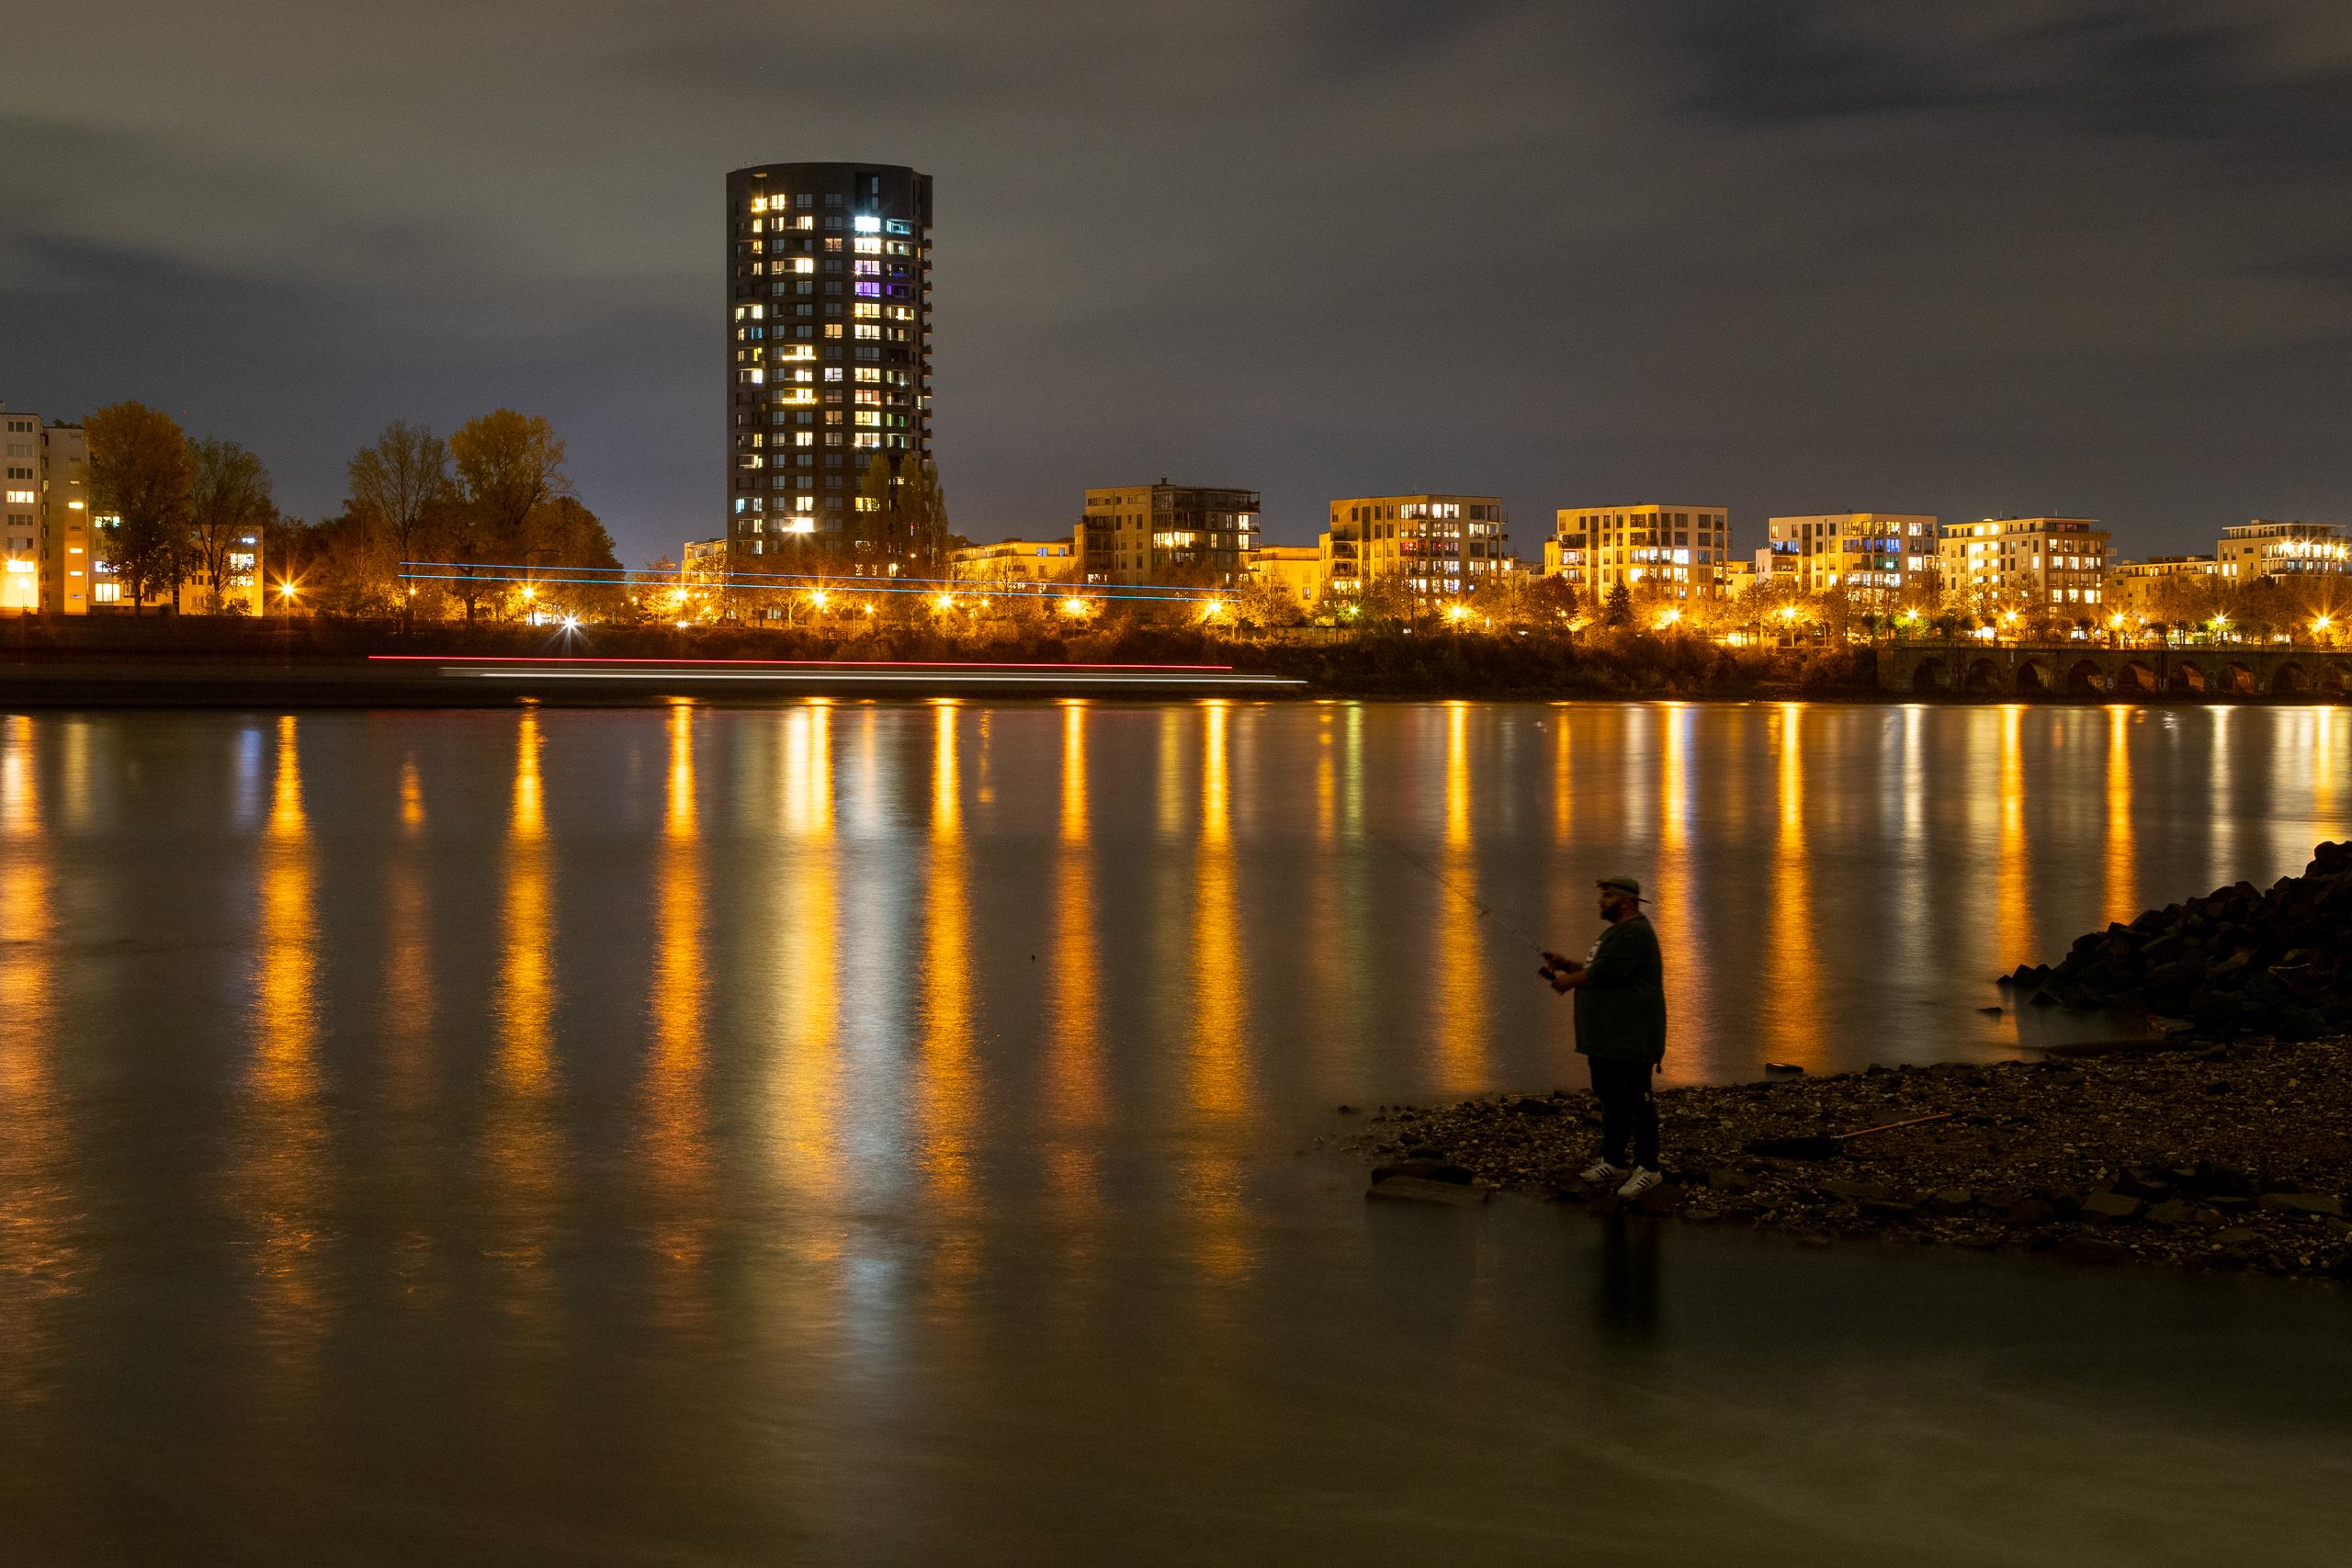 Flo angelt rechts am Warmwassereinlauf (Rhein in Köln, RheinEnergie, Heizkraftwerk Niehl)